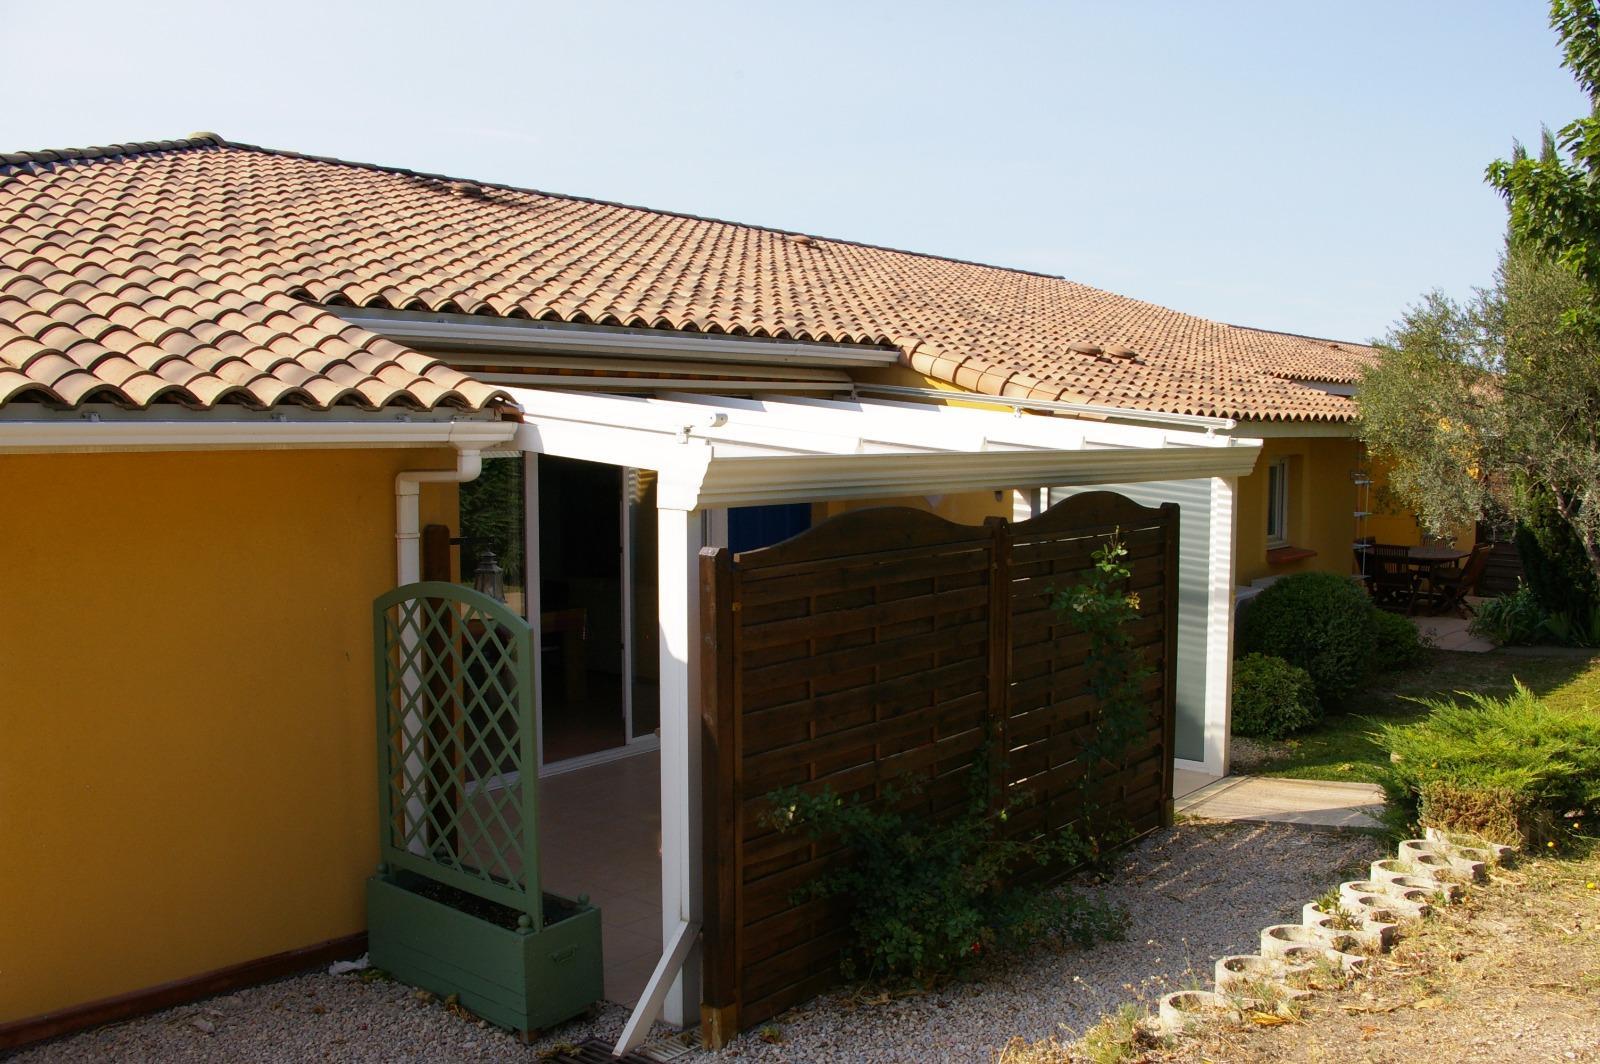 maison villa vente rochefort du gard m tres carr s 74 dans le domaine de rochefort du gard ref 595